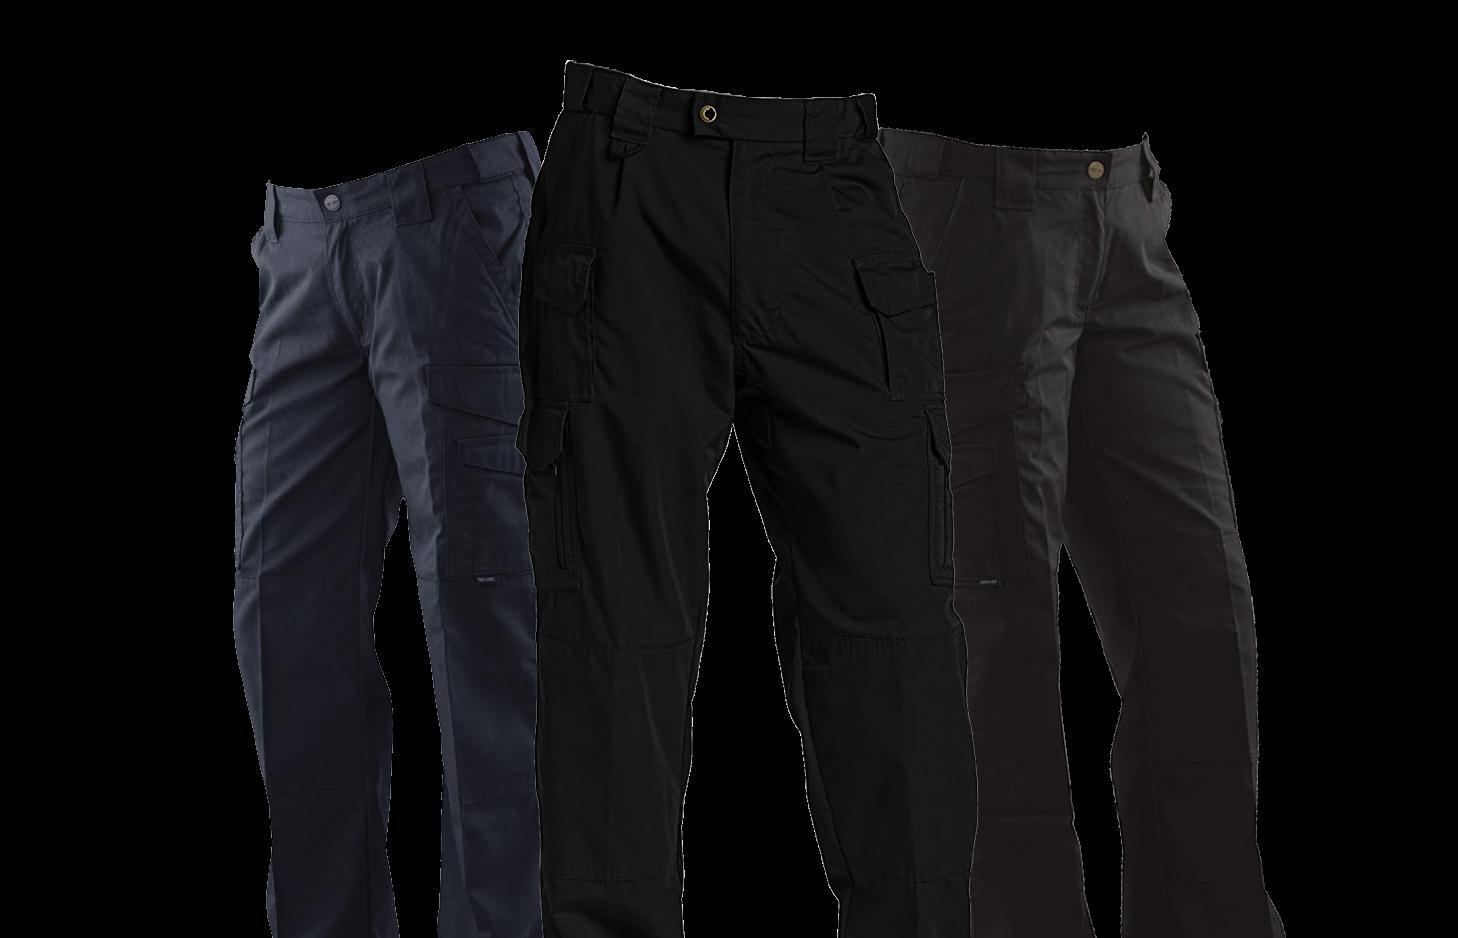 lightweight tactical pants at bereli